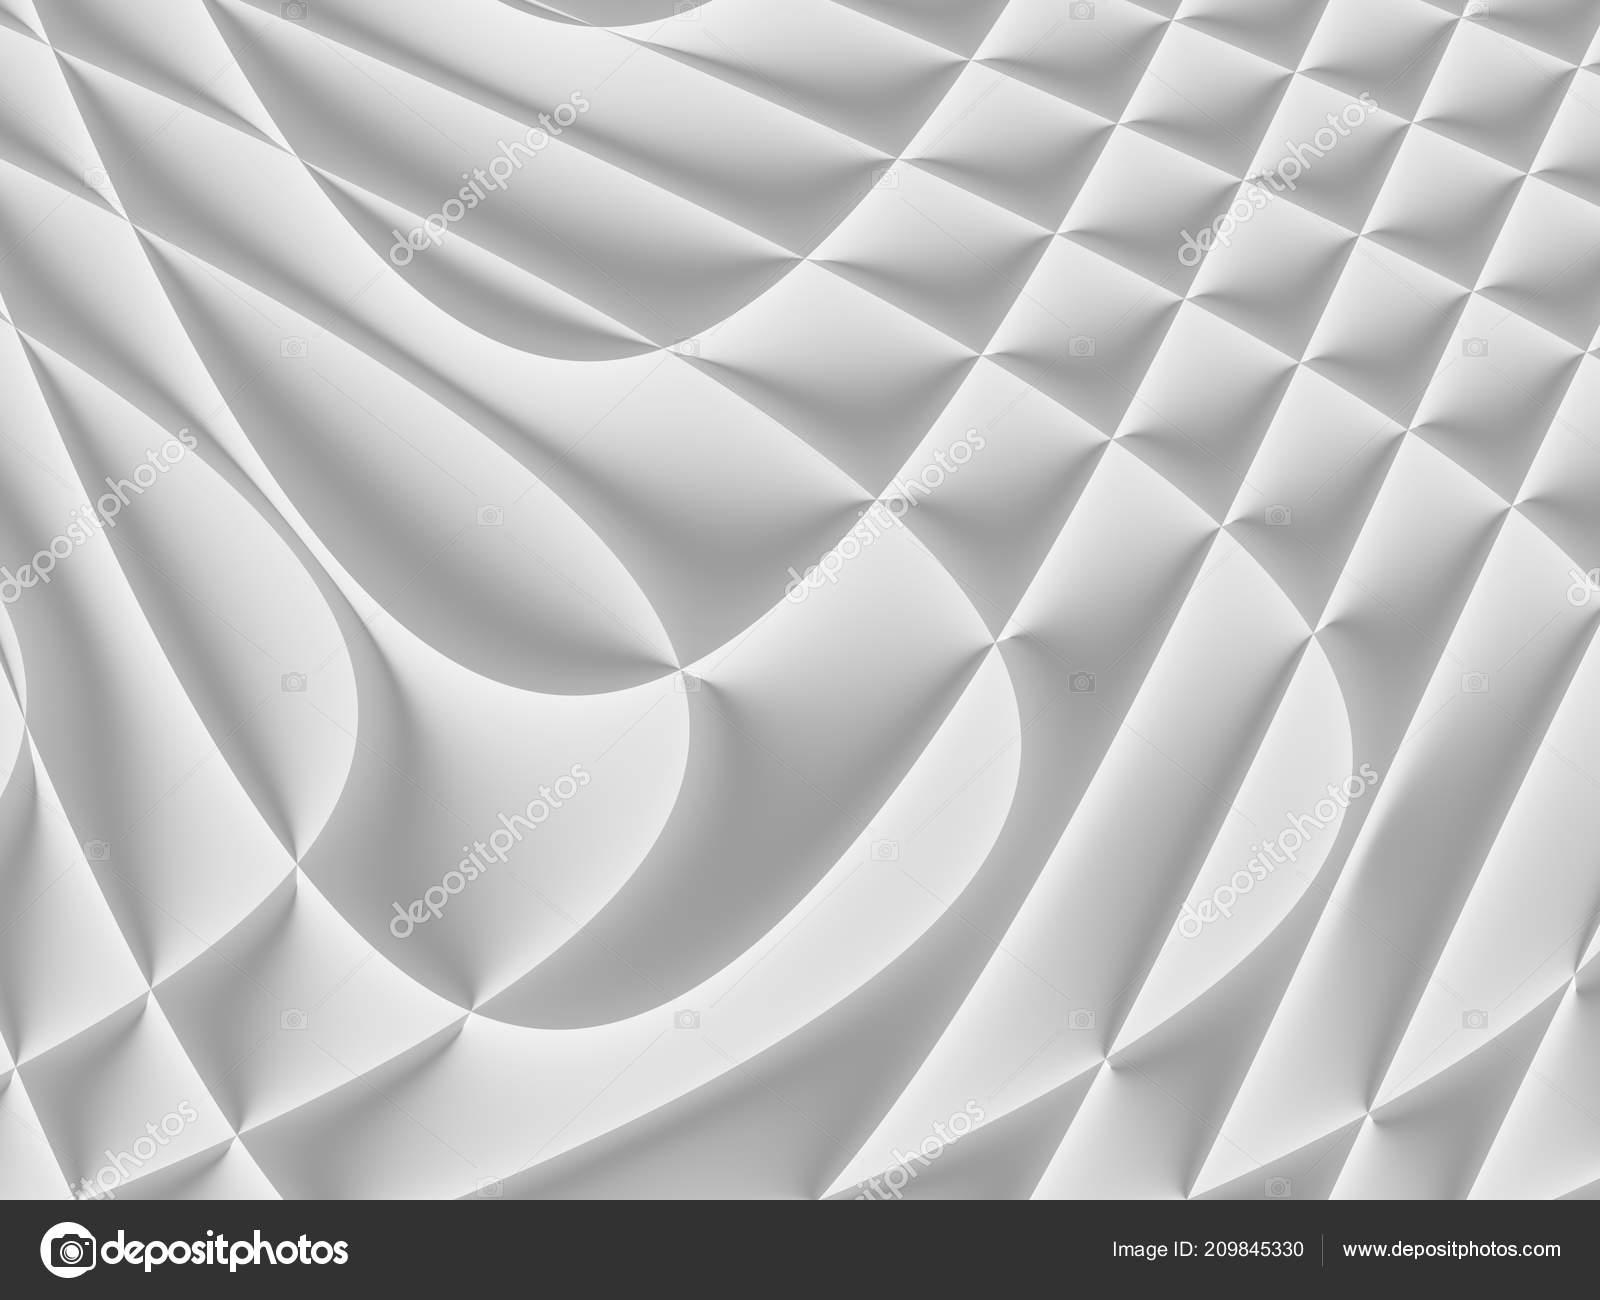 Weiße Und Graue Futuristische Muster Einfarbige Design Für